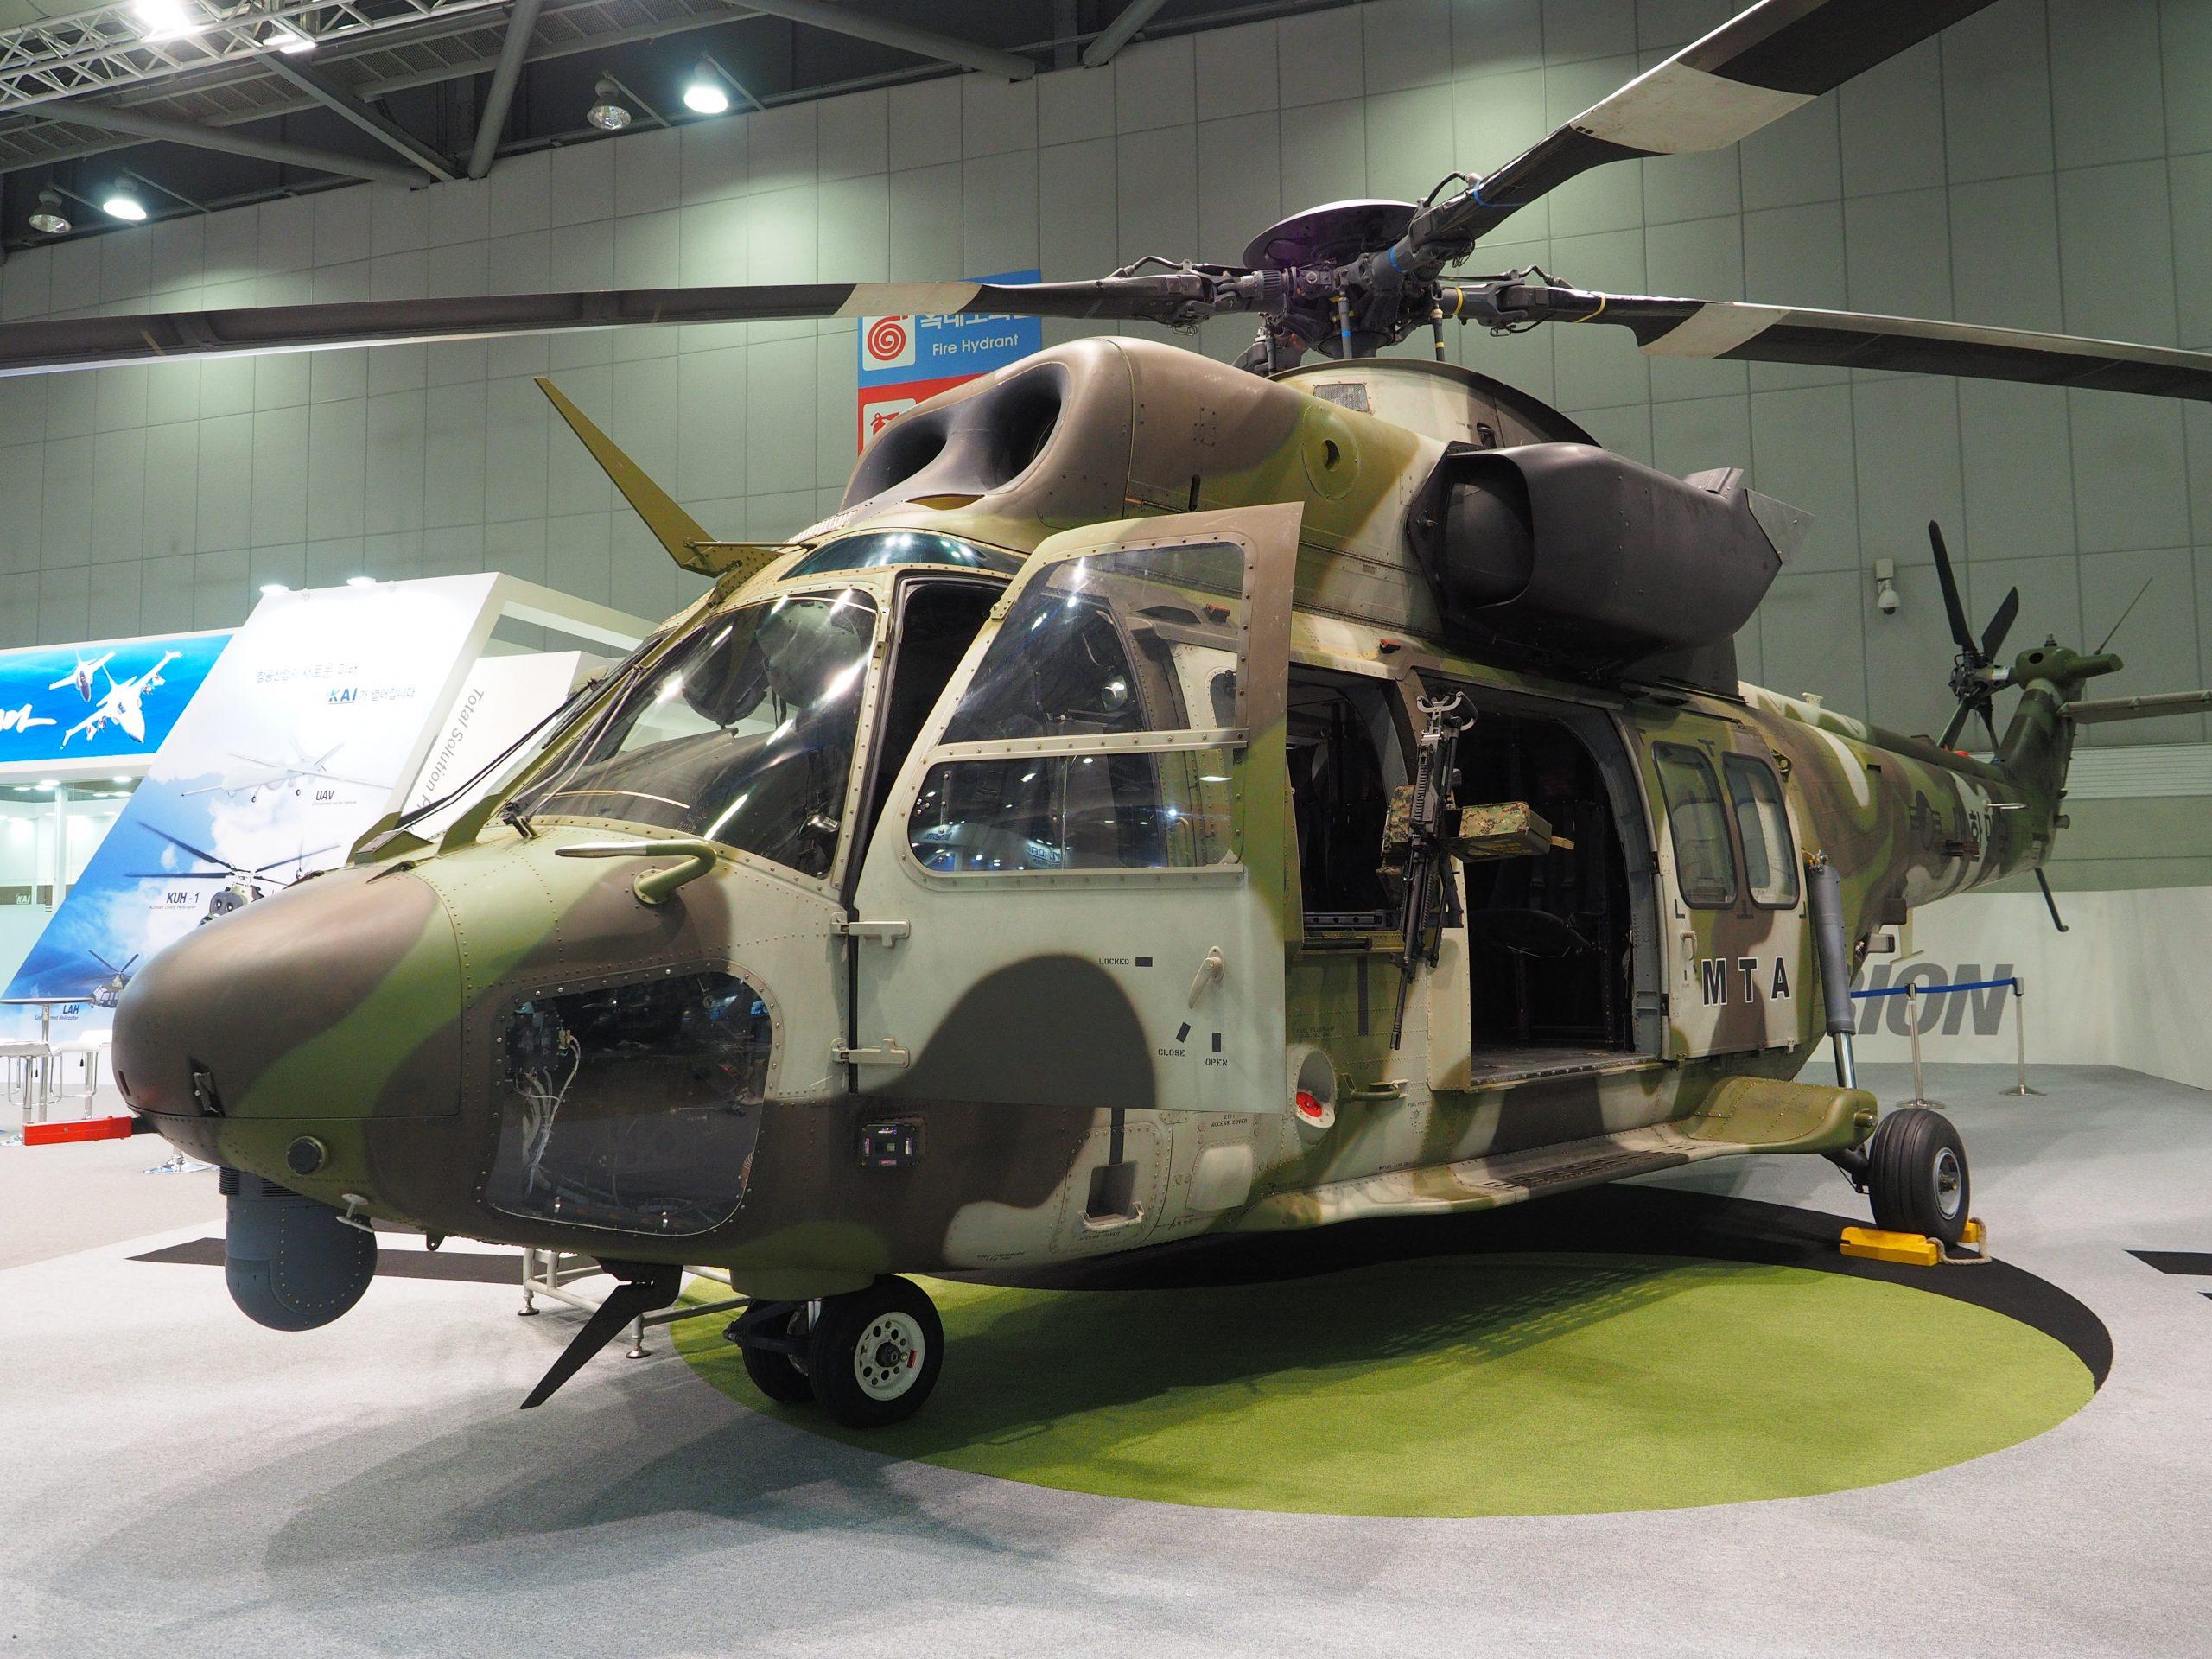 Surion medium helicopter. (JR Ng)